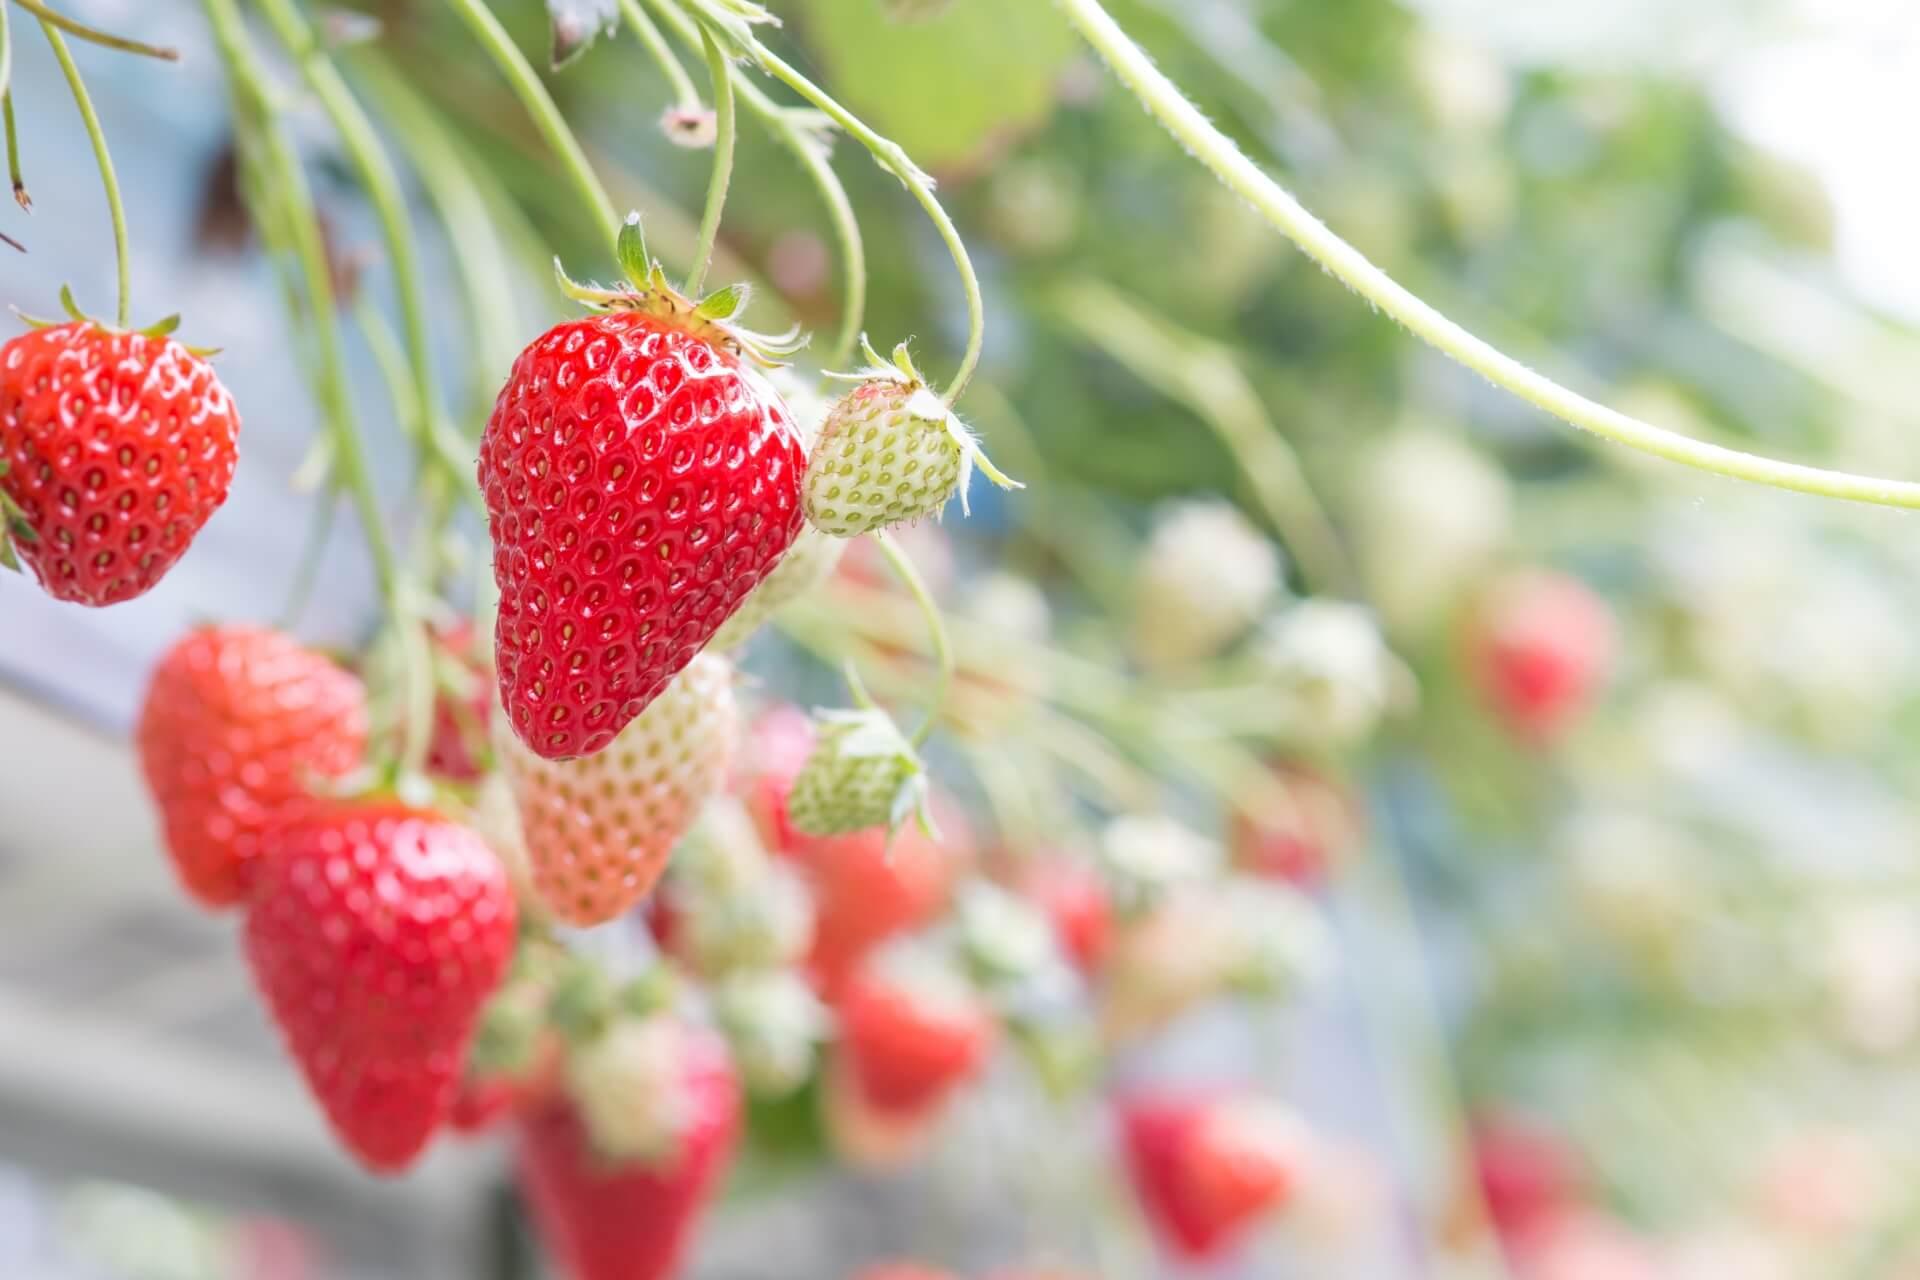 埼玉県で人気のイチゴ狩りスポットを紹介!